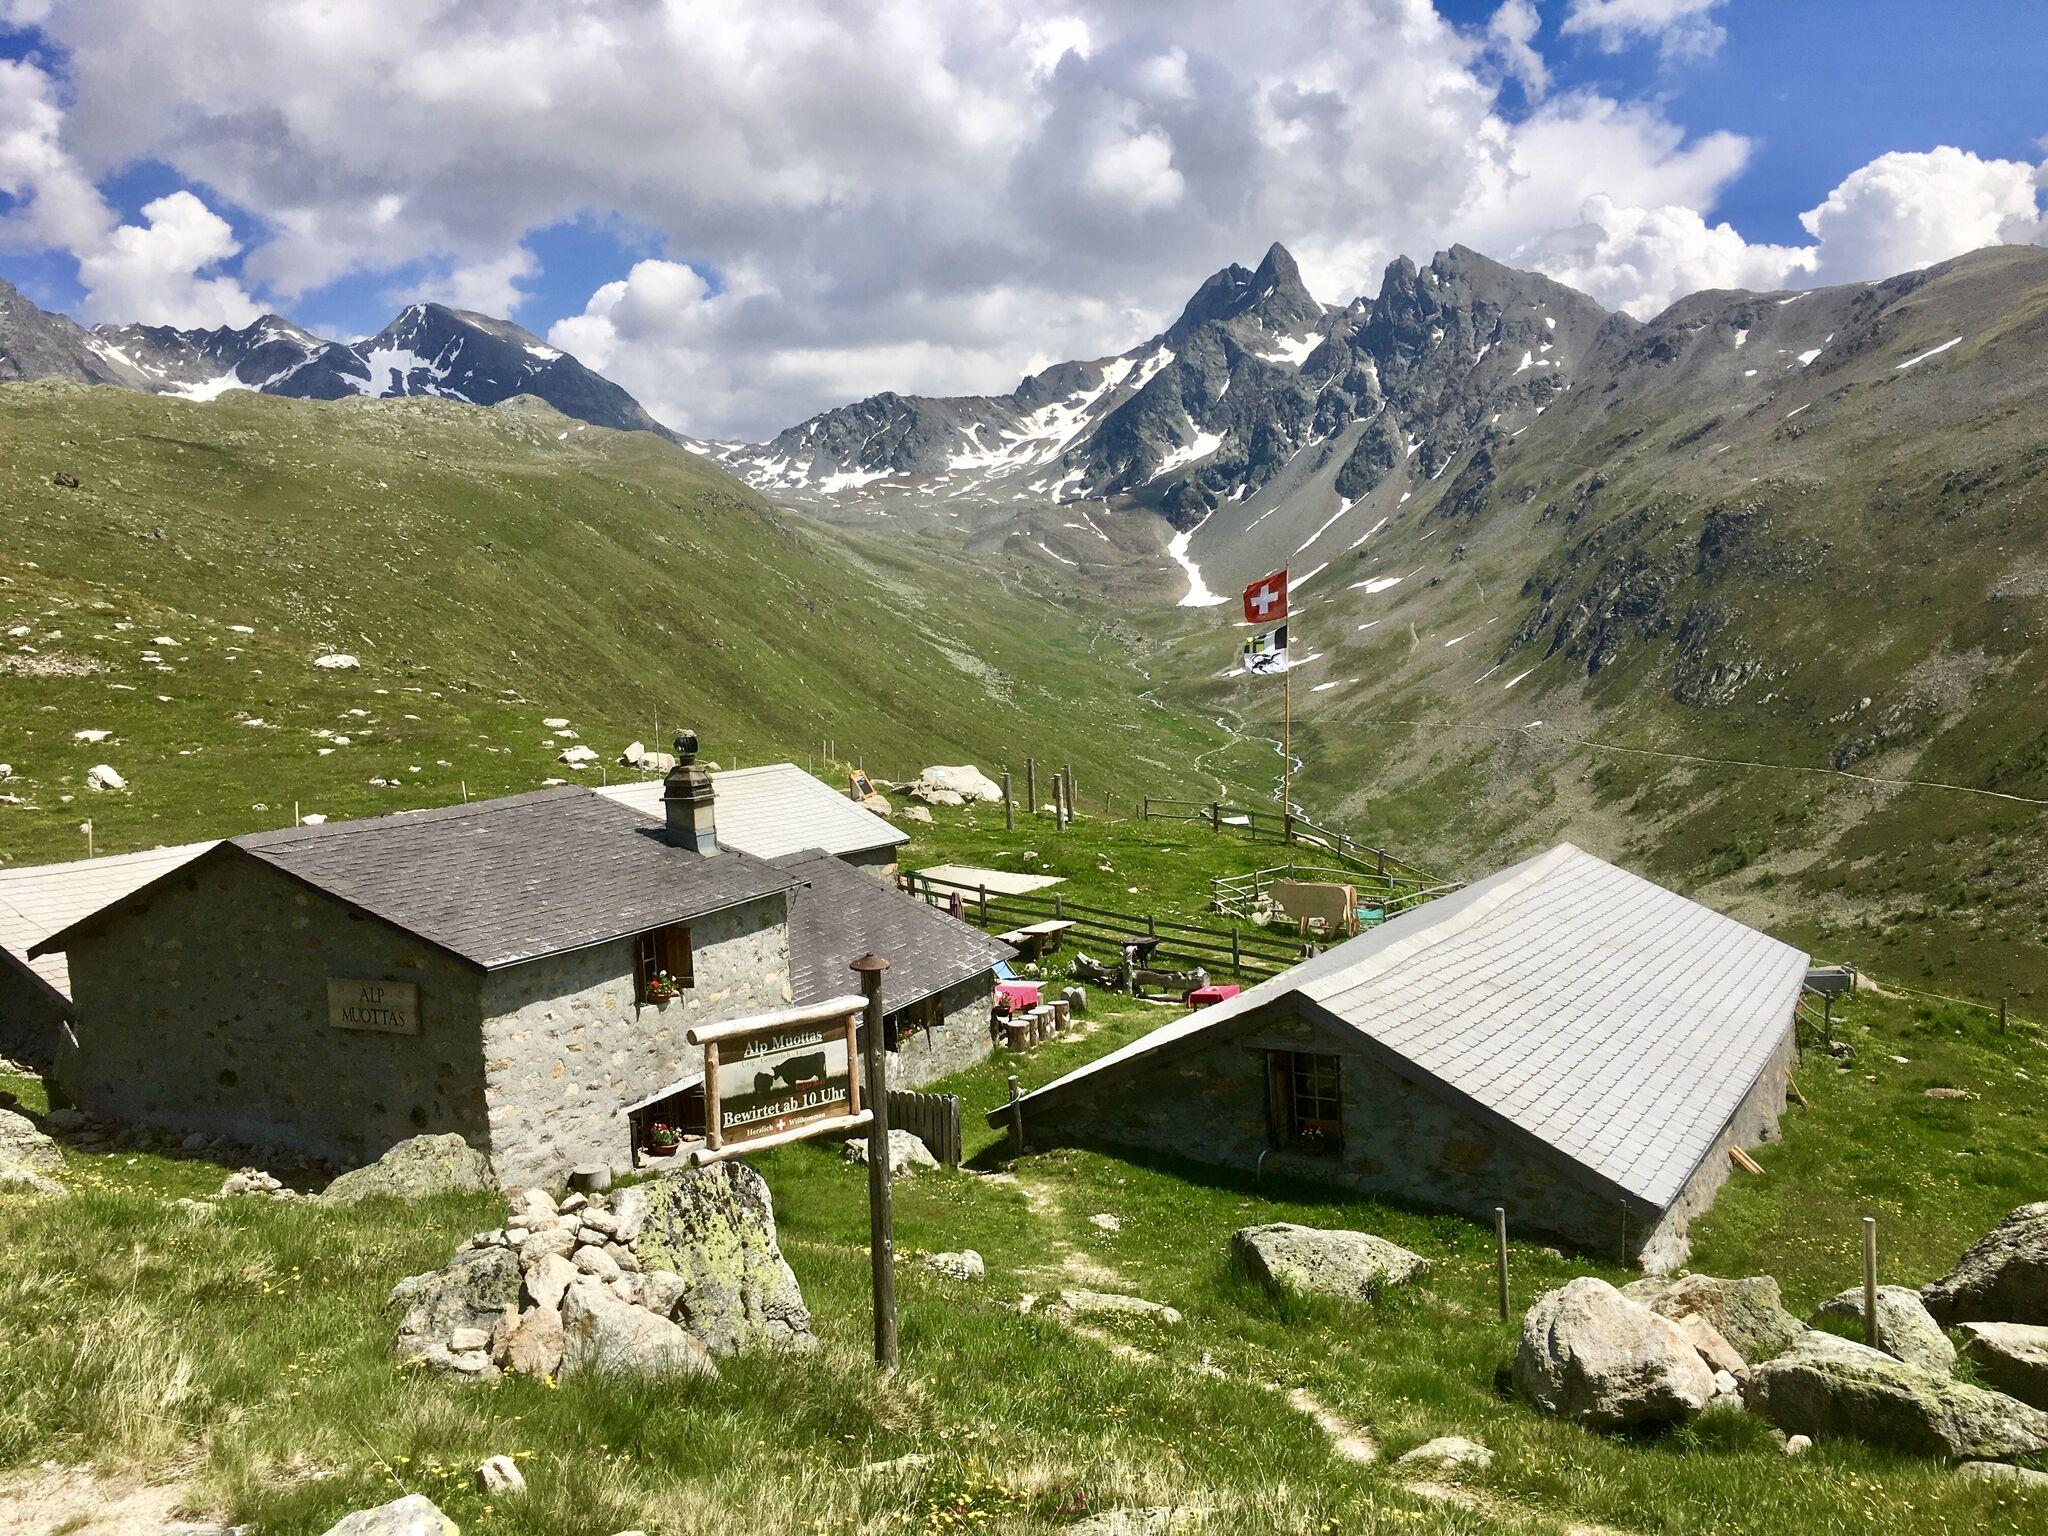 Alp Muottas / Tegia da Muottas Slide 3